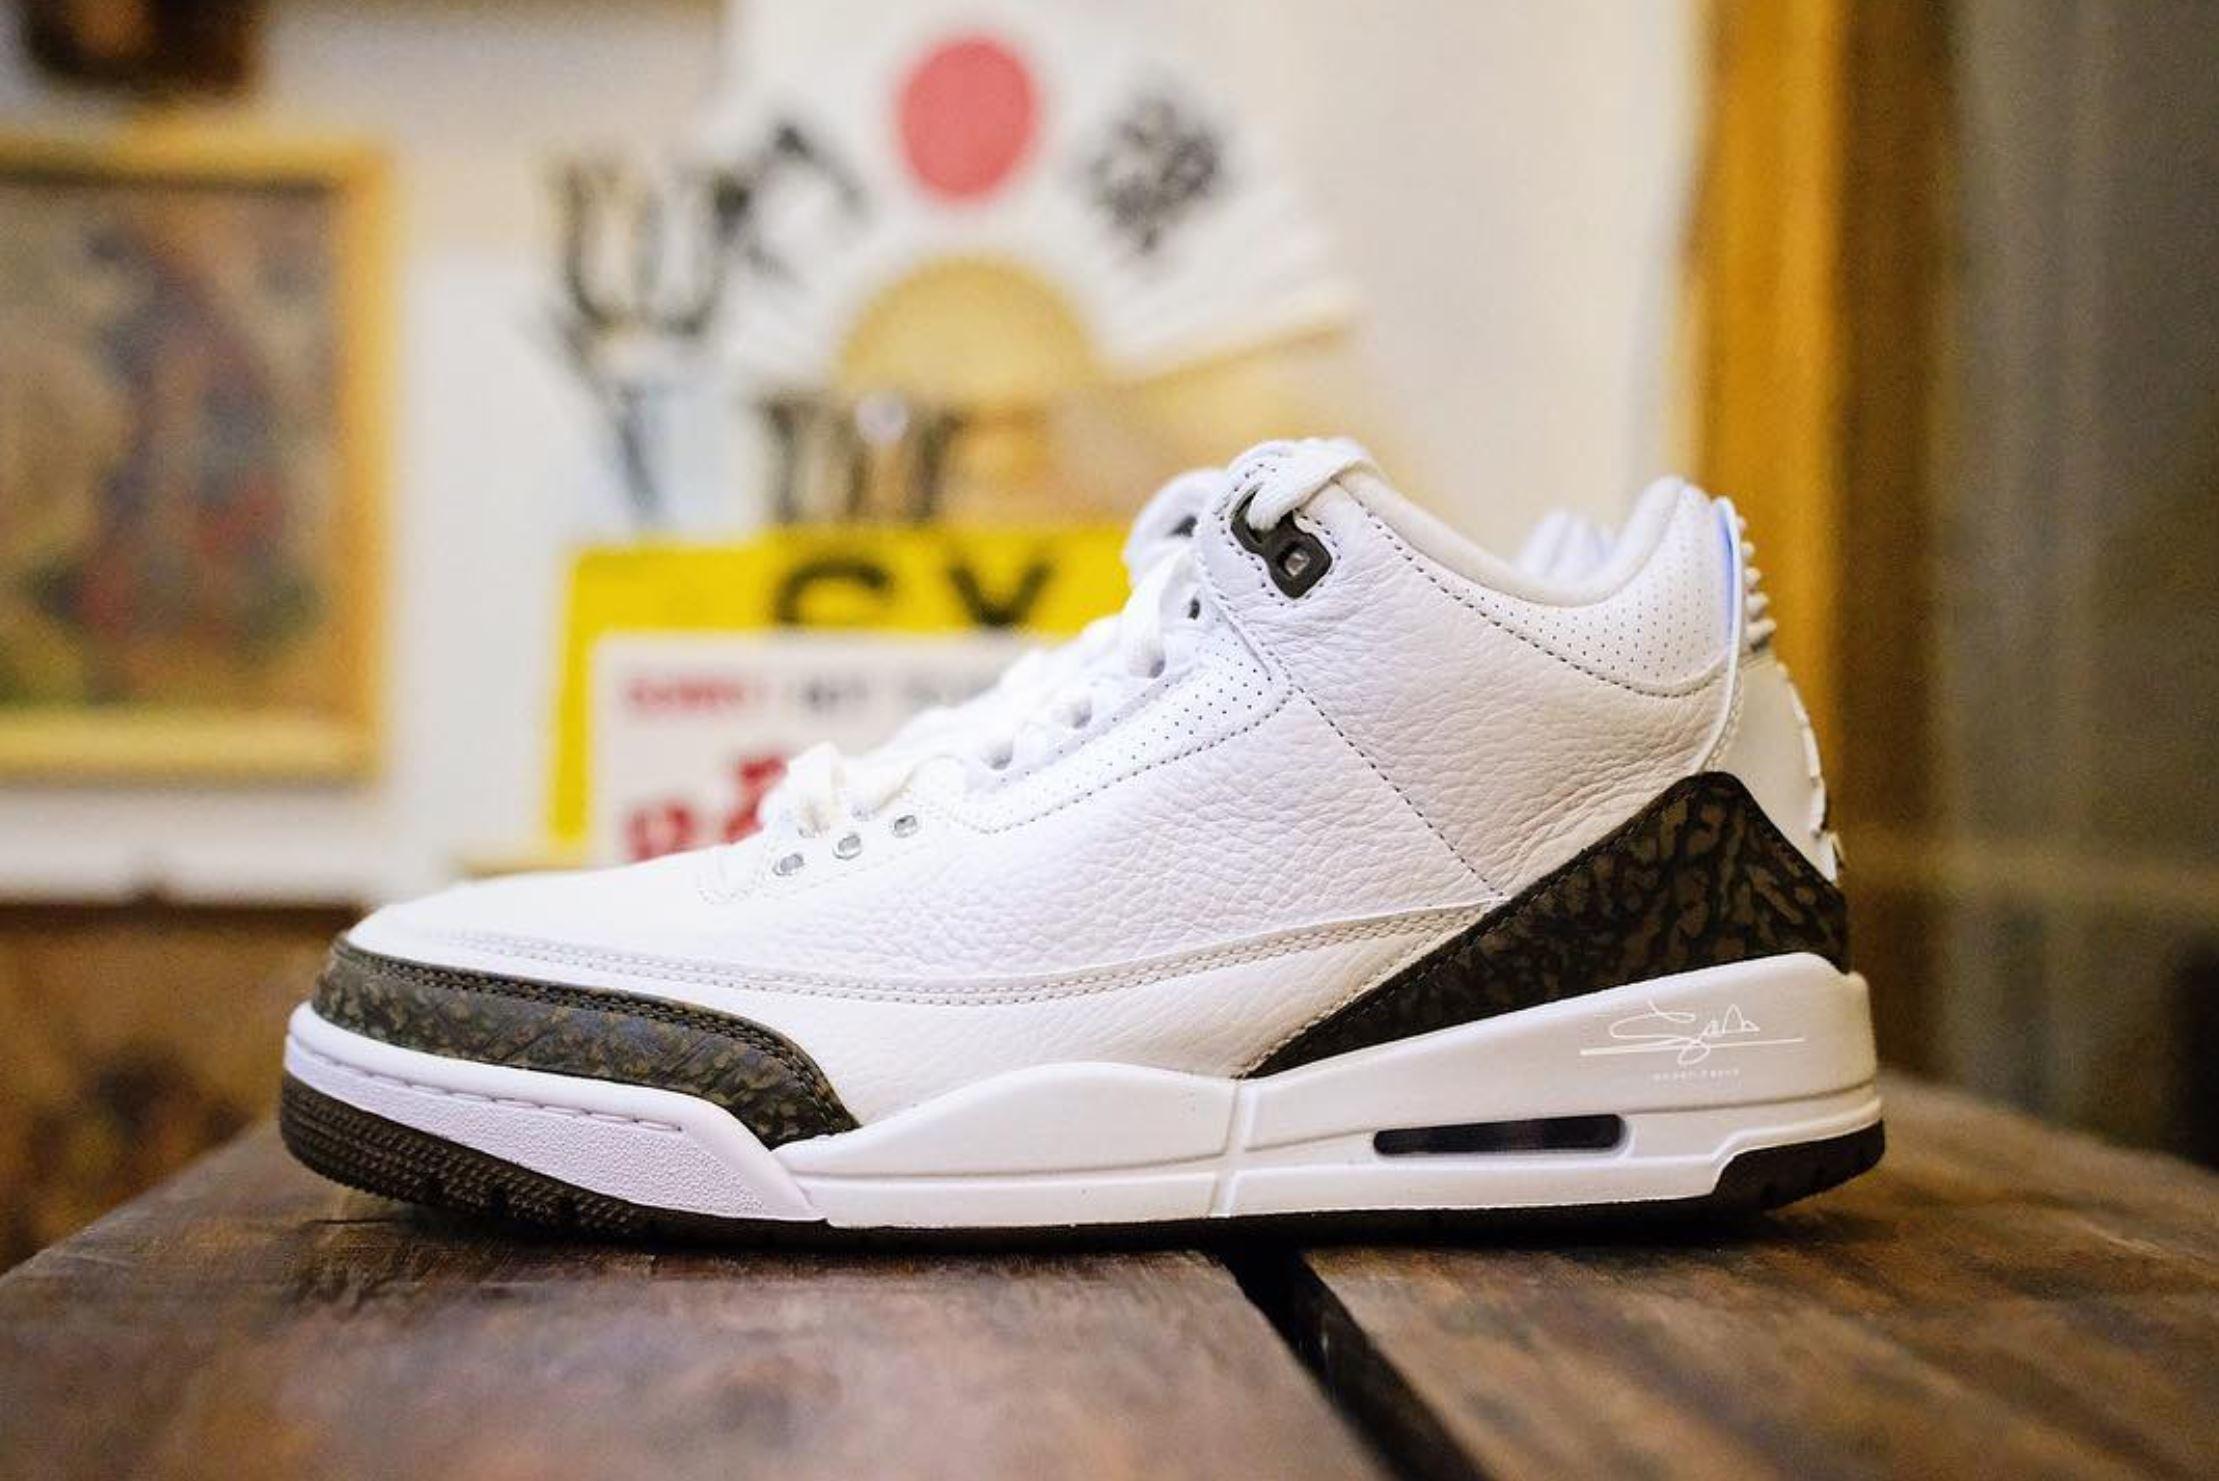 The Air Jordan 3 'Mocha' Retro Could